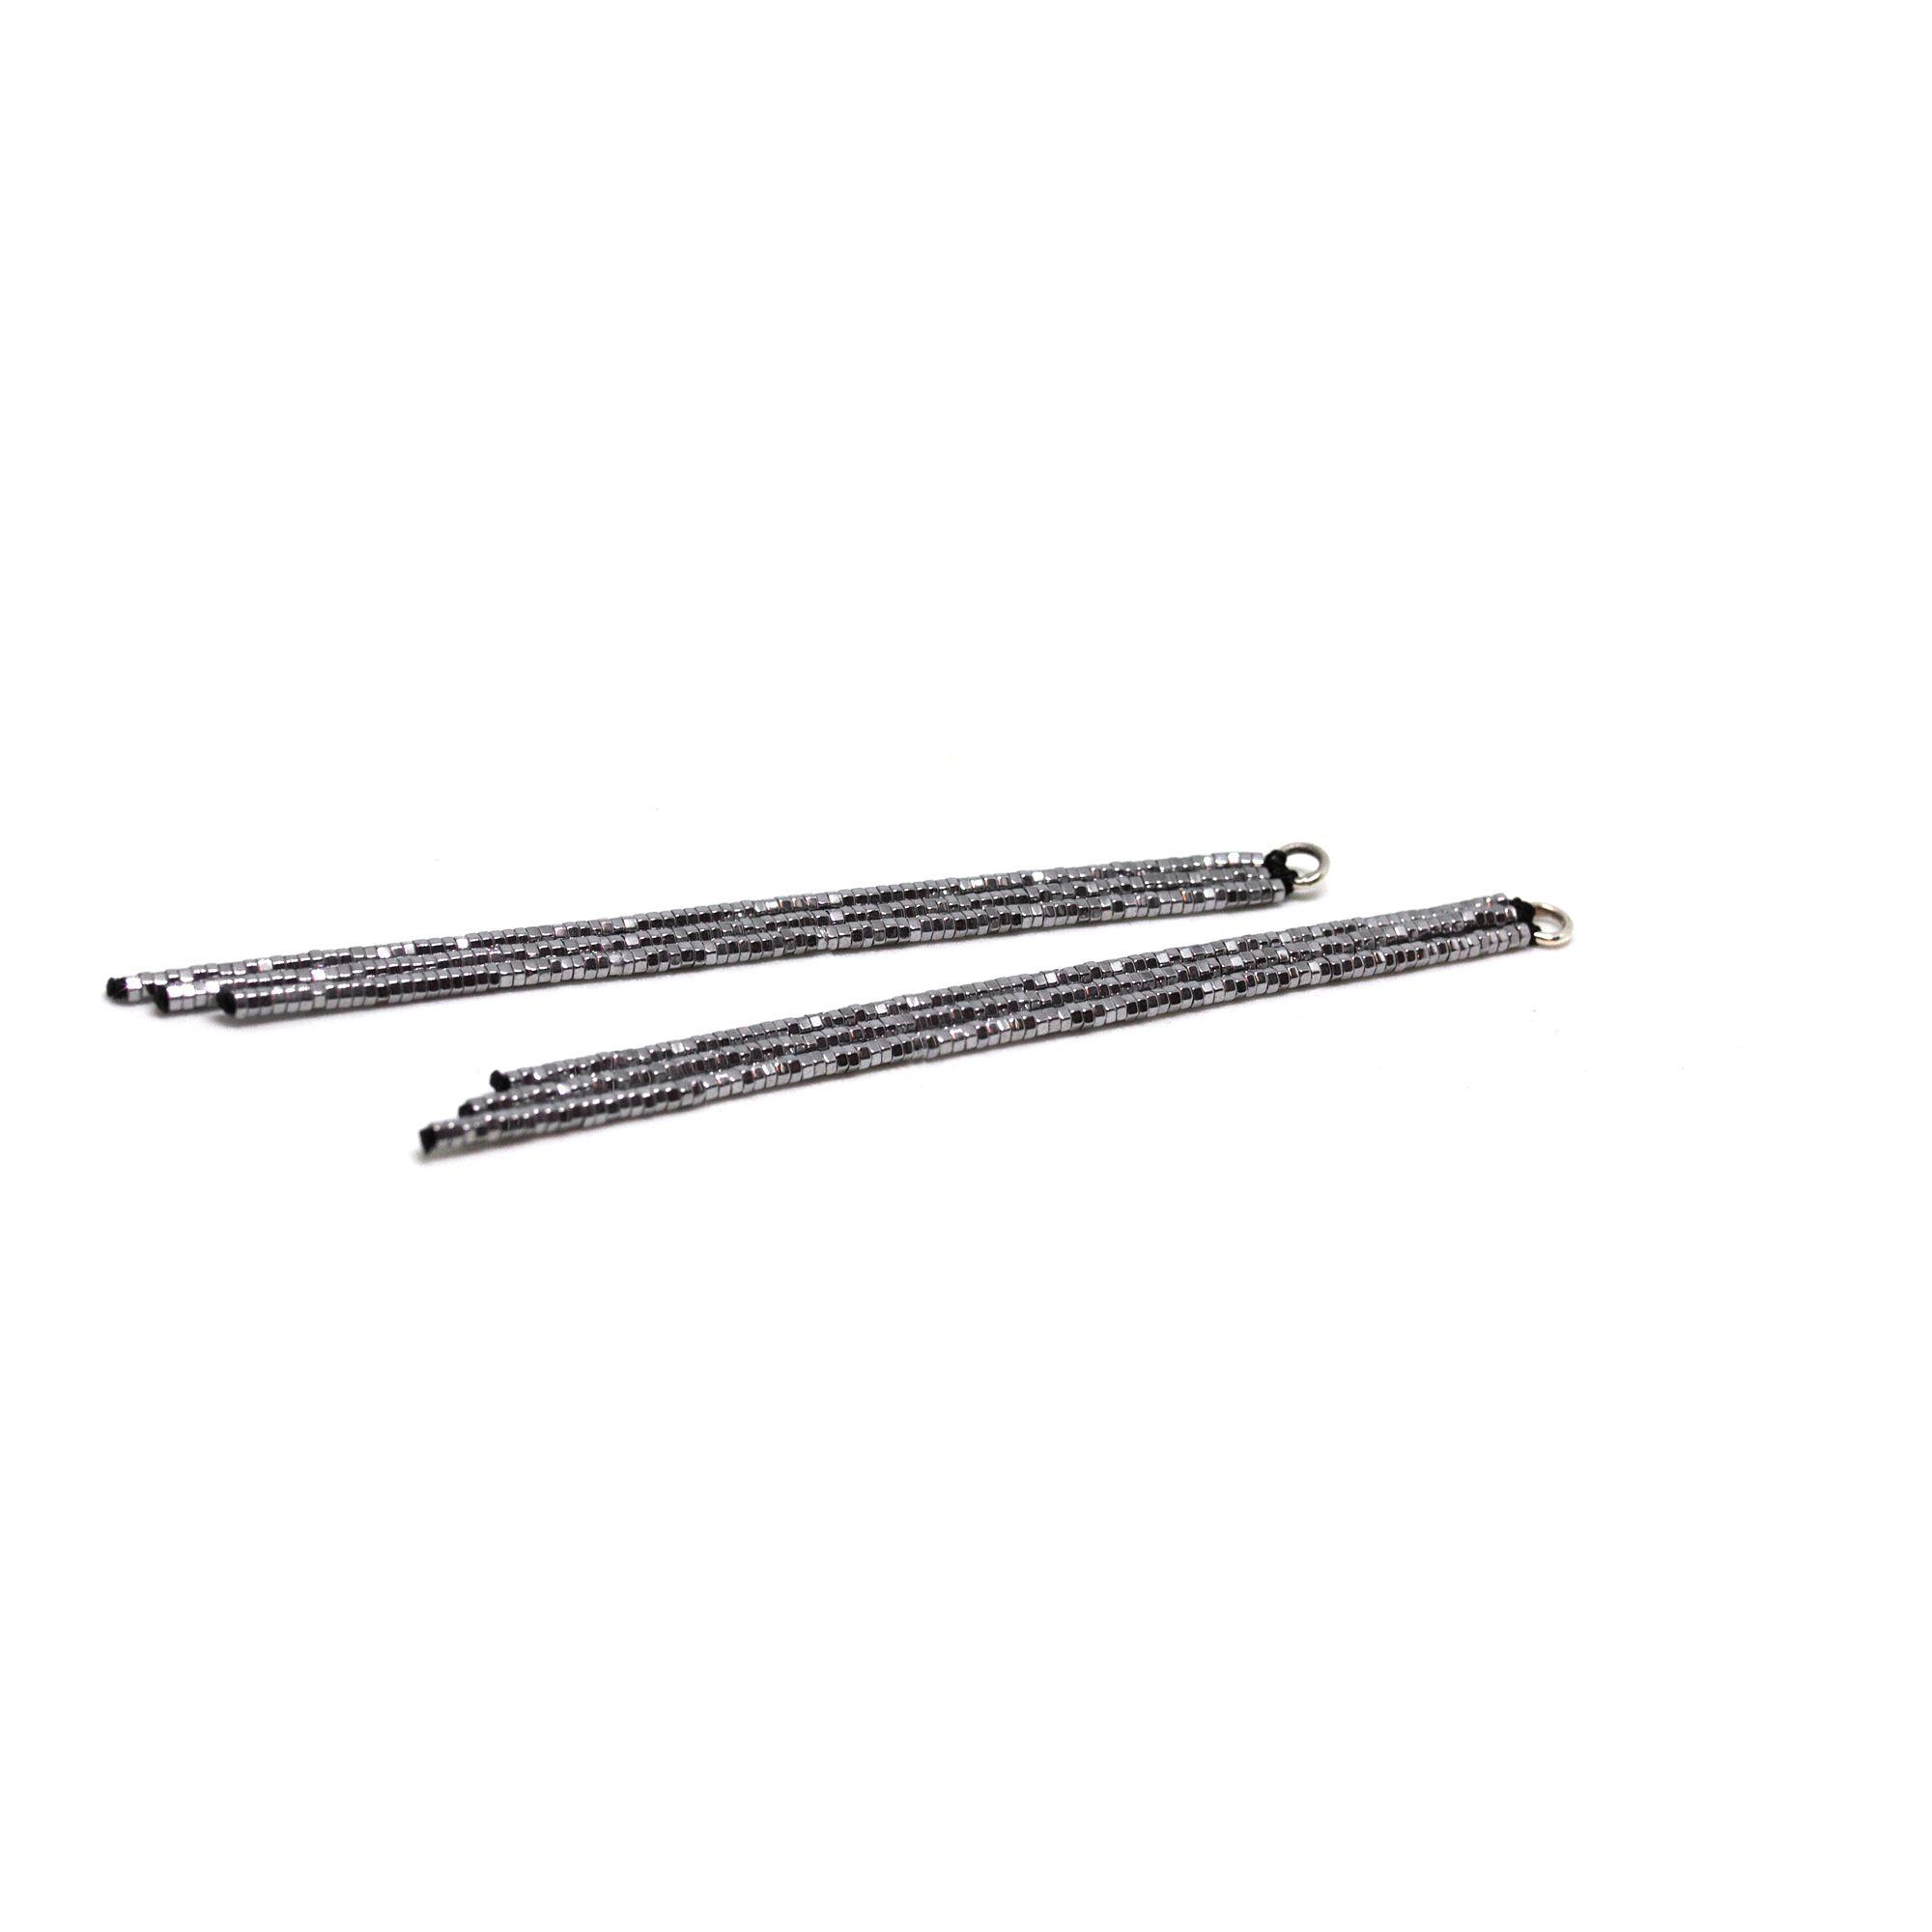 Frange ematite argento lunghe Accessori intercambiabili per orecchini